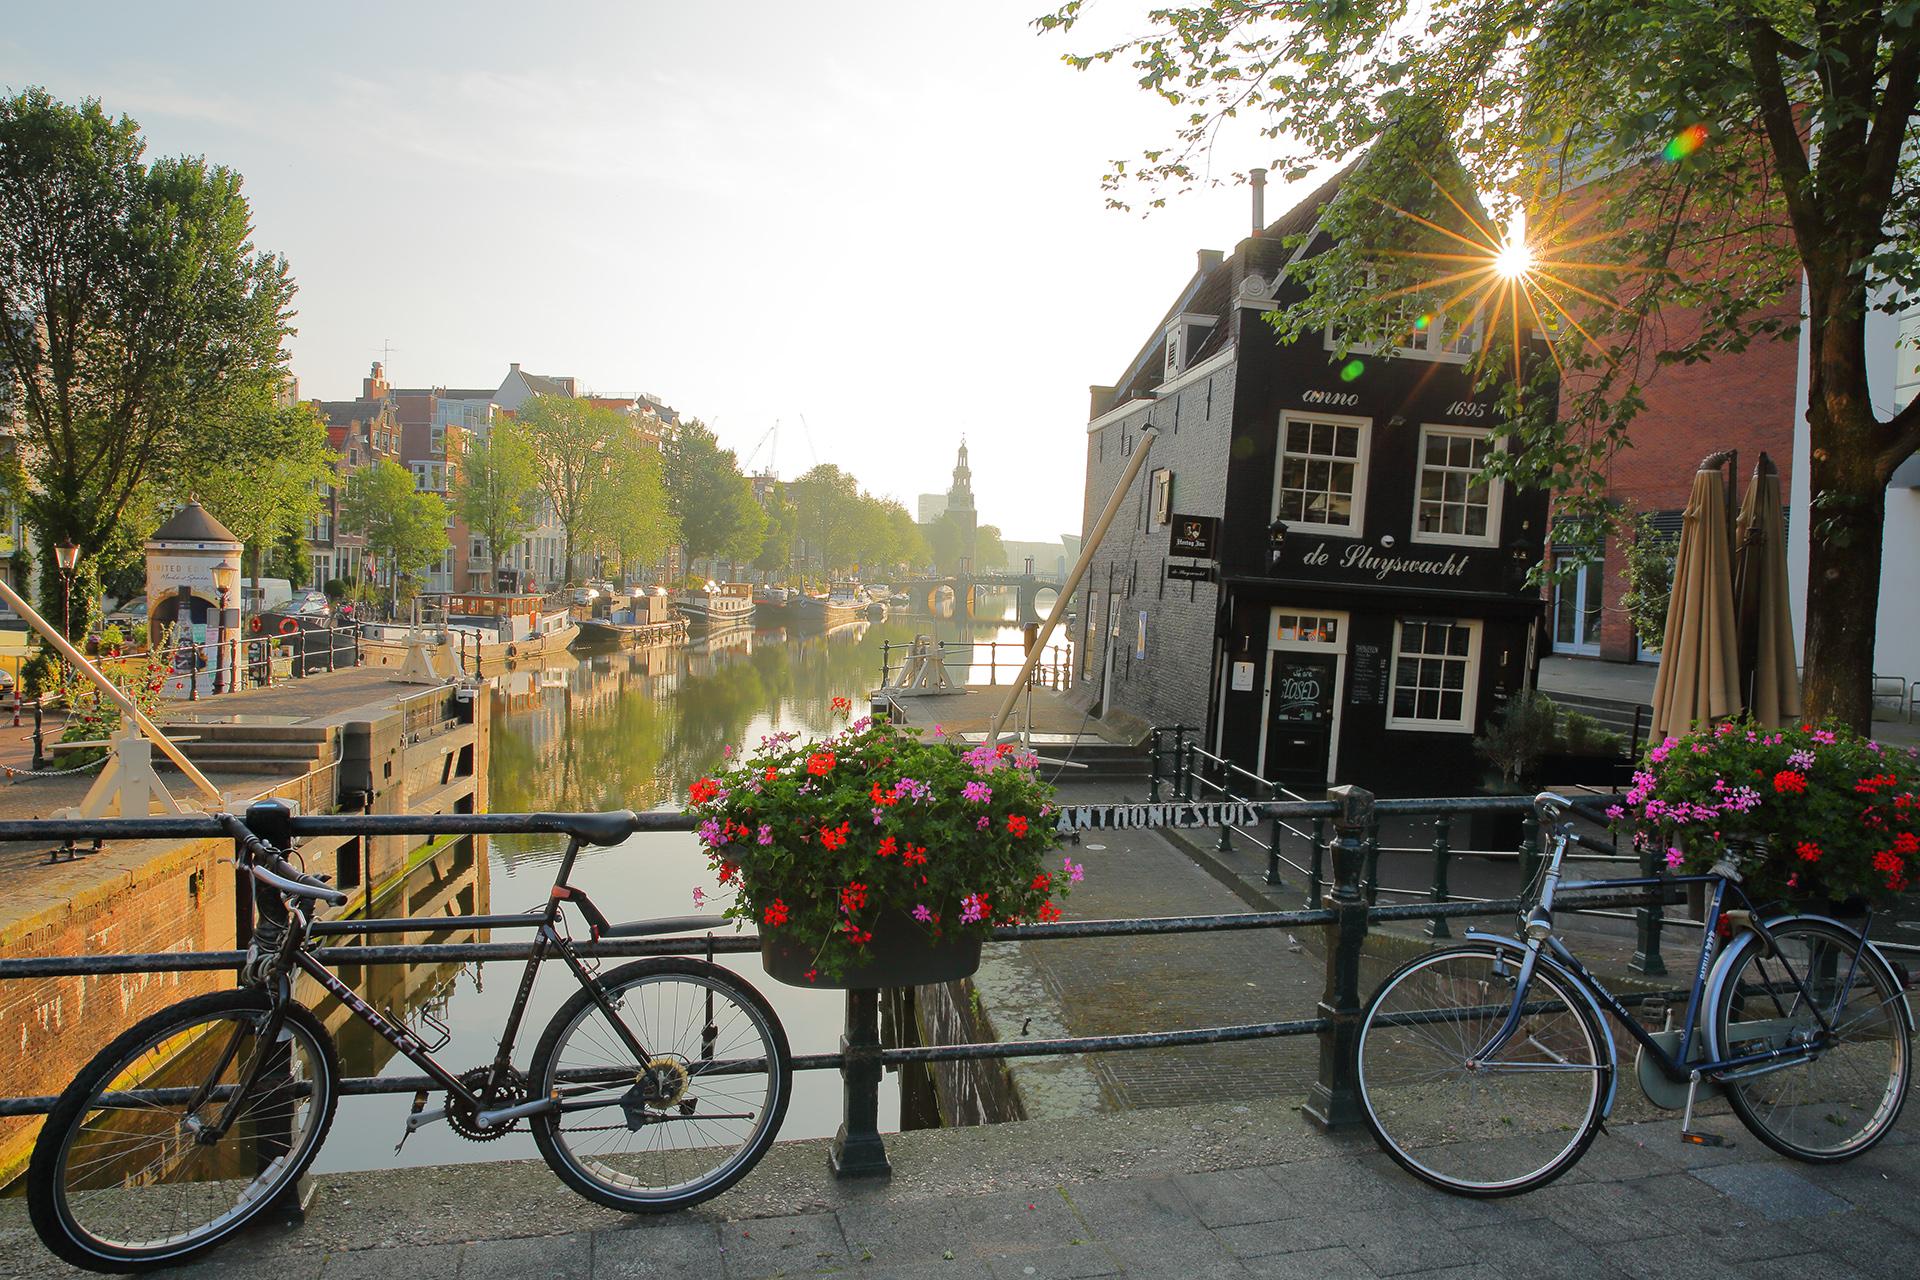 Es conocida por sus coloridas casas y por el festival de tulipanes en la primavera. Amsterdam es una de las ciudades recomendadas para conocerla en bicicleta pasando de canal en canal. Una de las atracciones que no debe faltar en el recorrido turístico es el Museo Van Gogh, que alberga la mayor colección del artista Vincent van Gogh del mundo